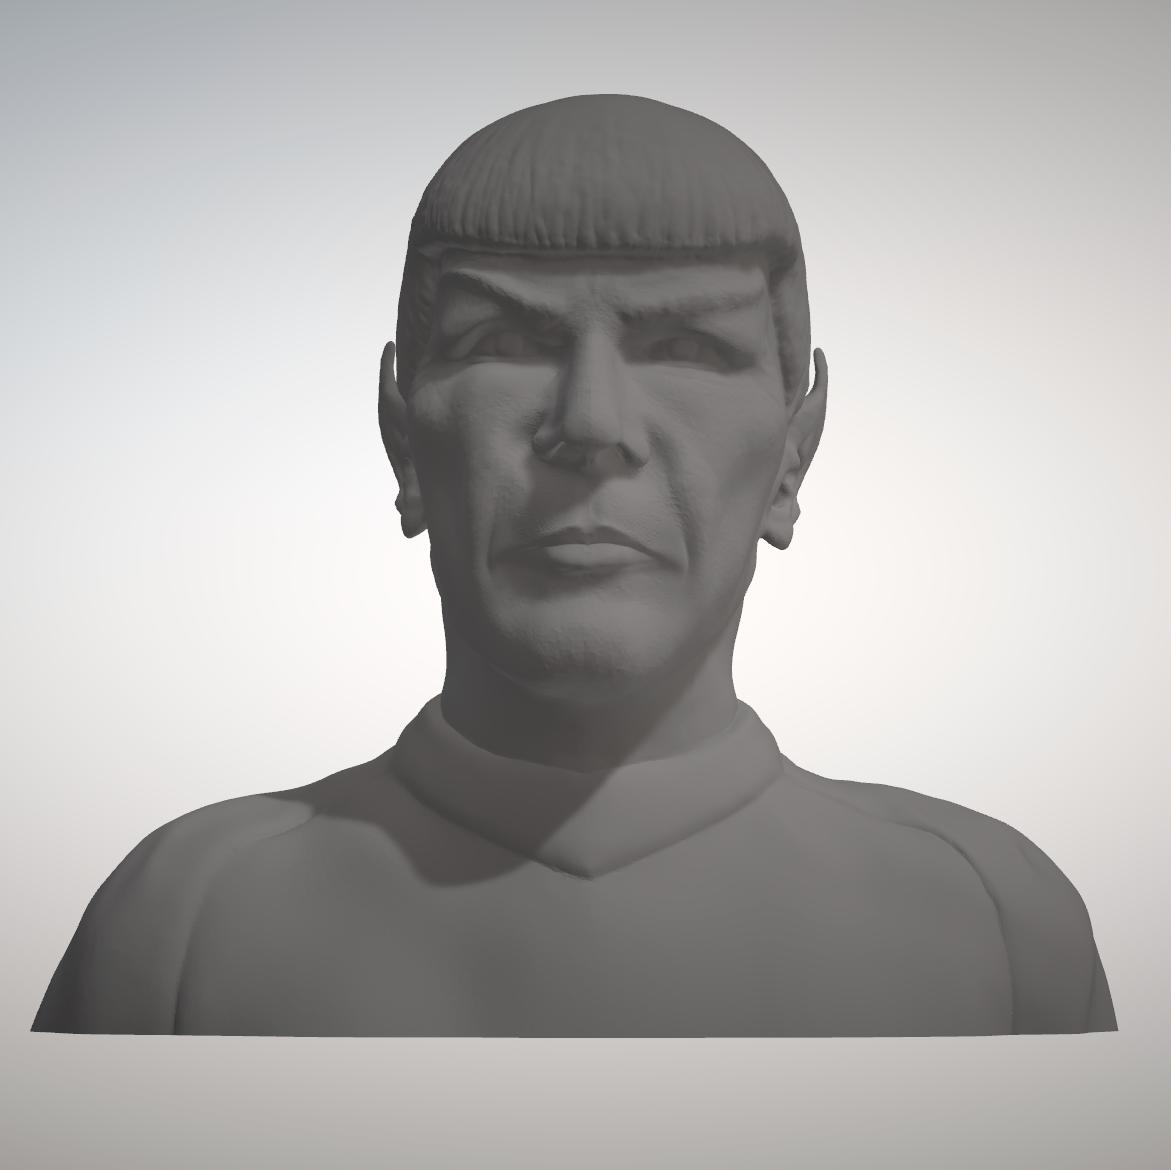 Sandpiper_Spock_Bust1.png Download STL file Star Trek Mr. Spock figurine and bust UPDATED • 3D printable object, sandpiper